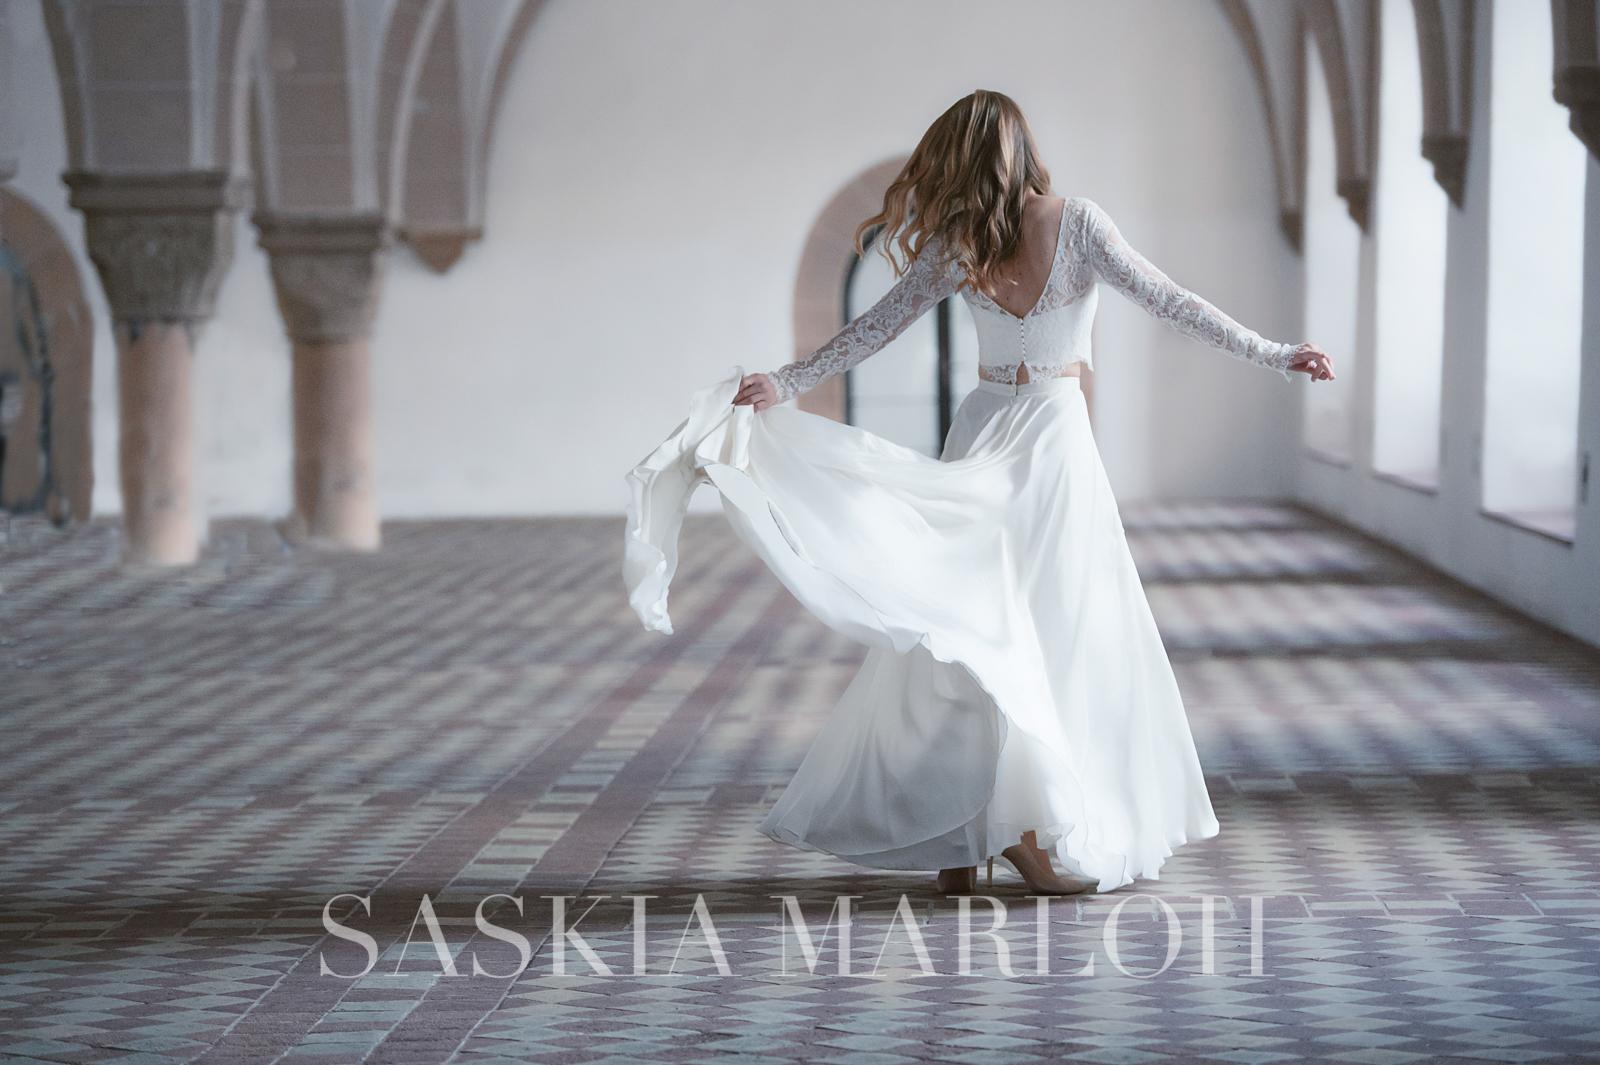 KLOSTER-EBERBACH-DEZEMBER-HOCHZEIT-WEDDING-WINTER-FOTO-SASKIA-MARLOH-338